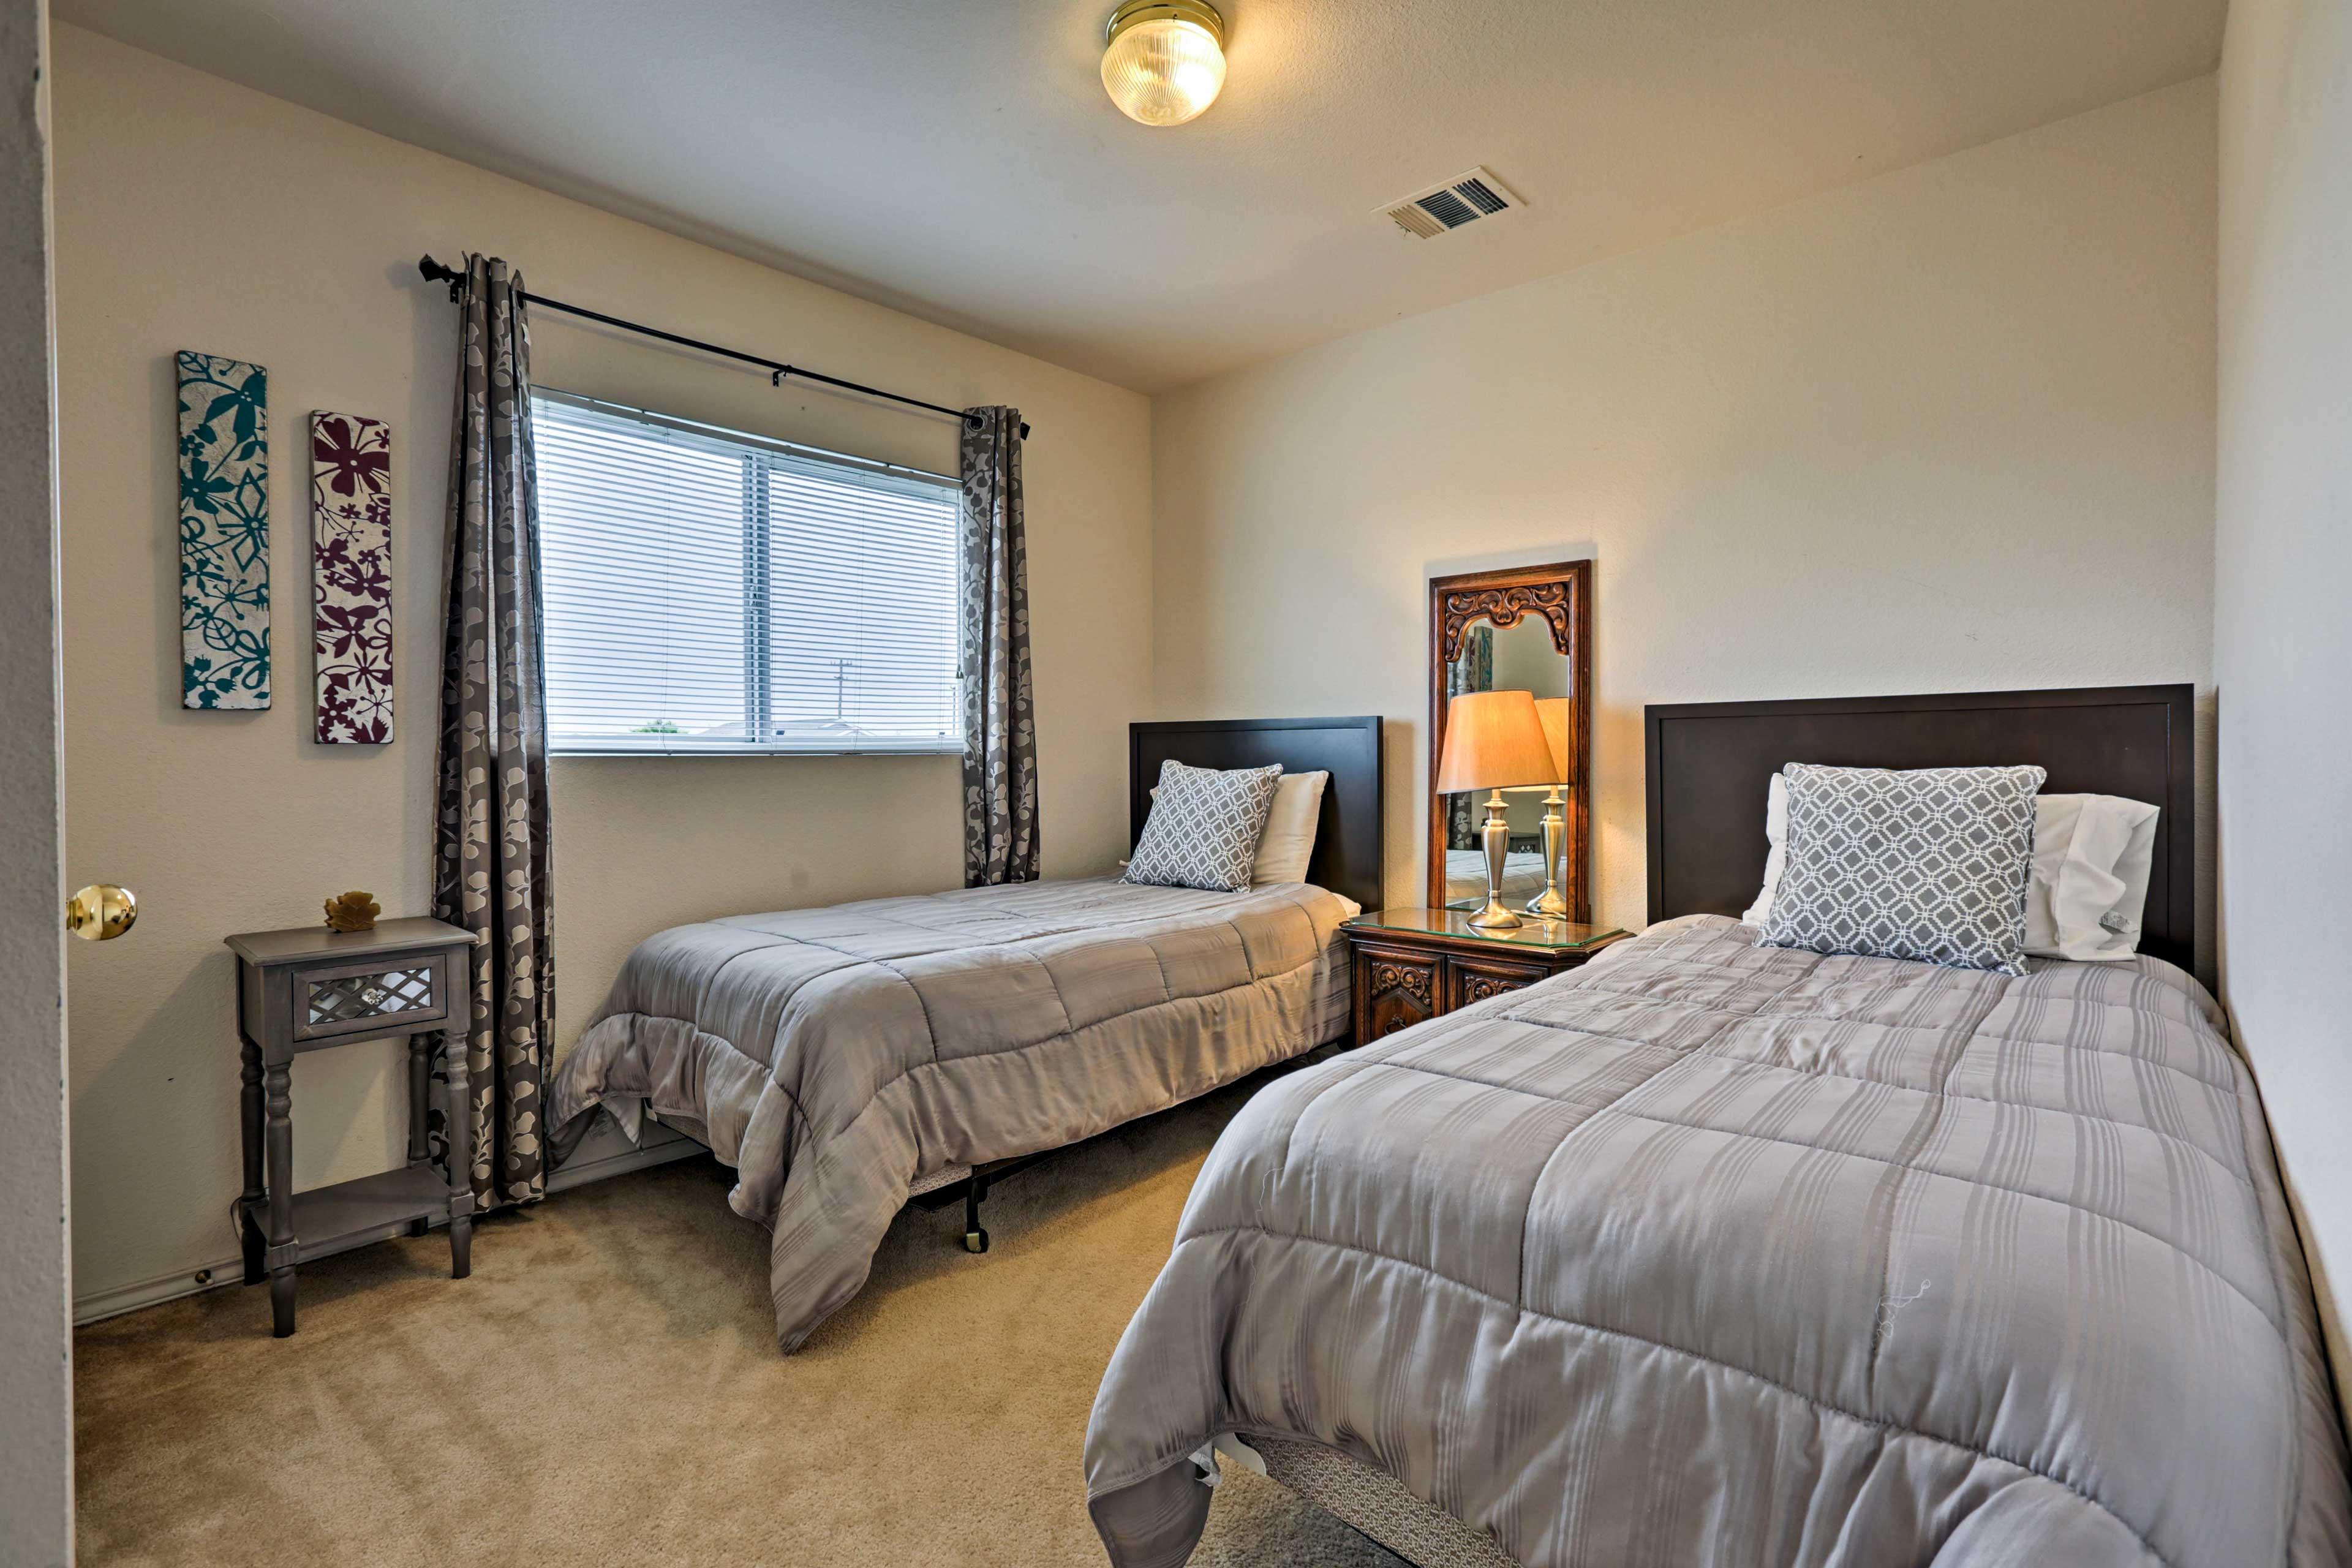 Bedroom 3 | 2nd Floor | 2 Twin Beds